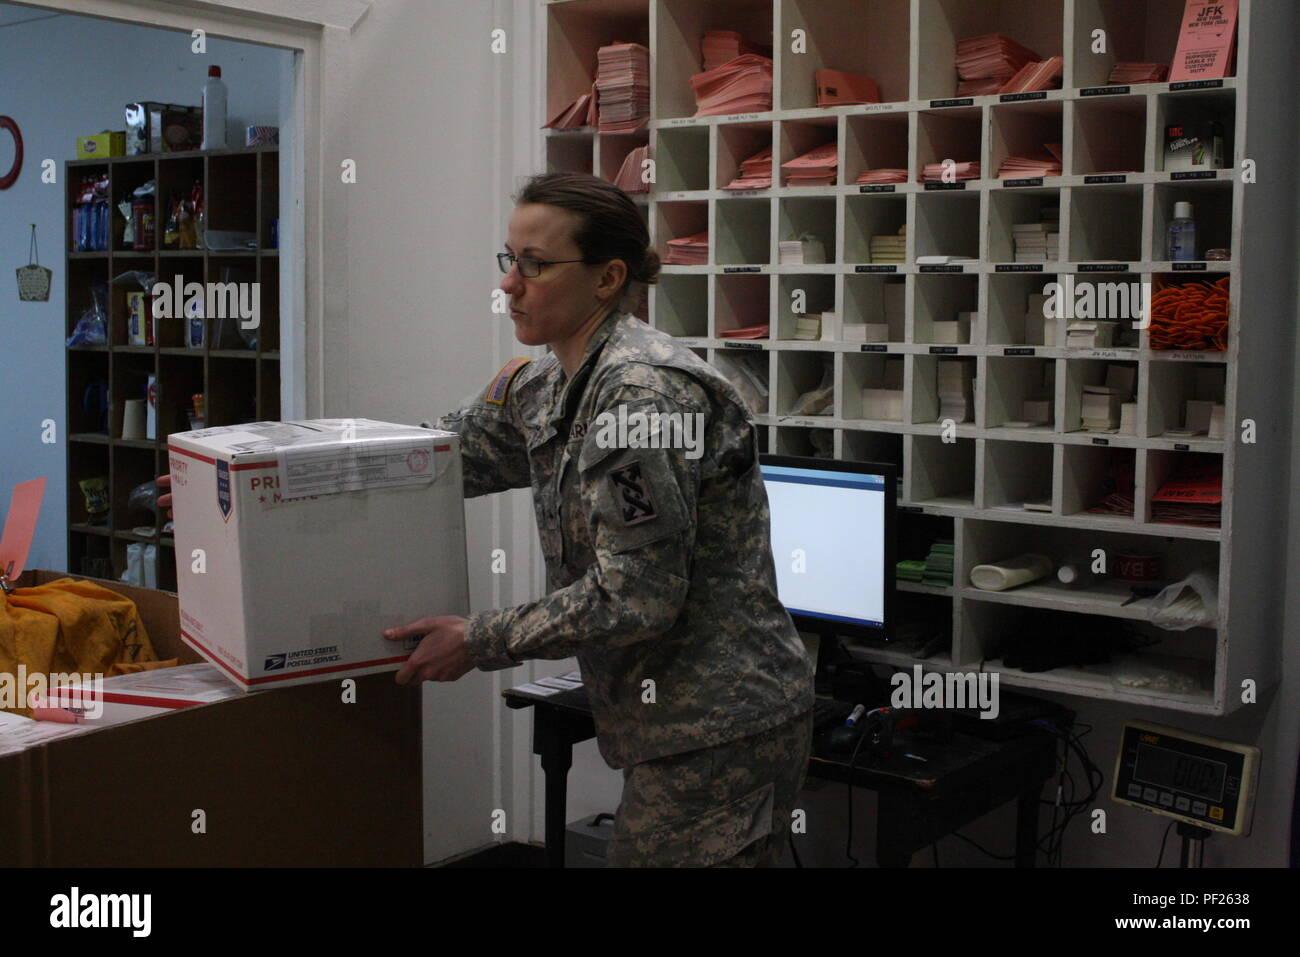 De Mails Stock Photos & De Mails Stock Images - Alamy